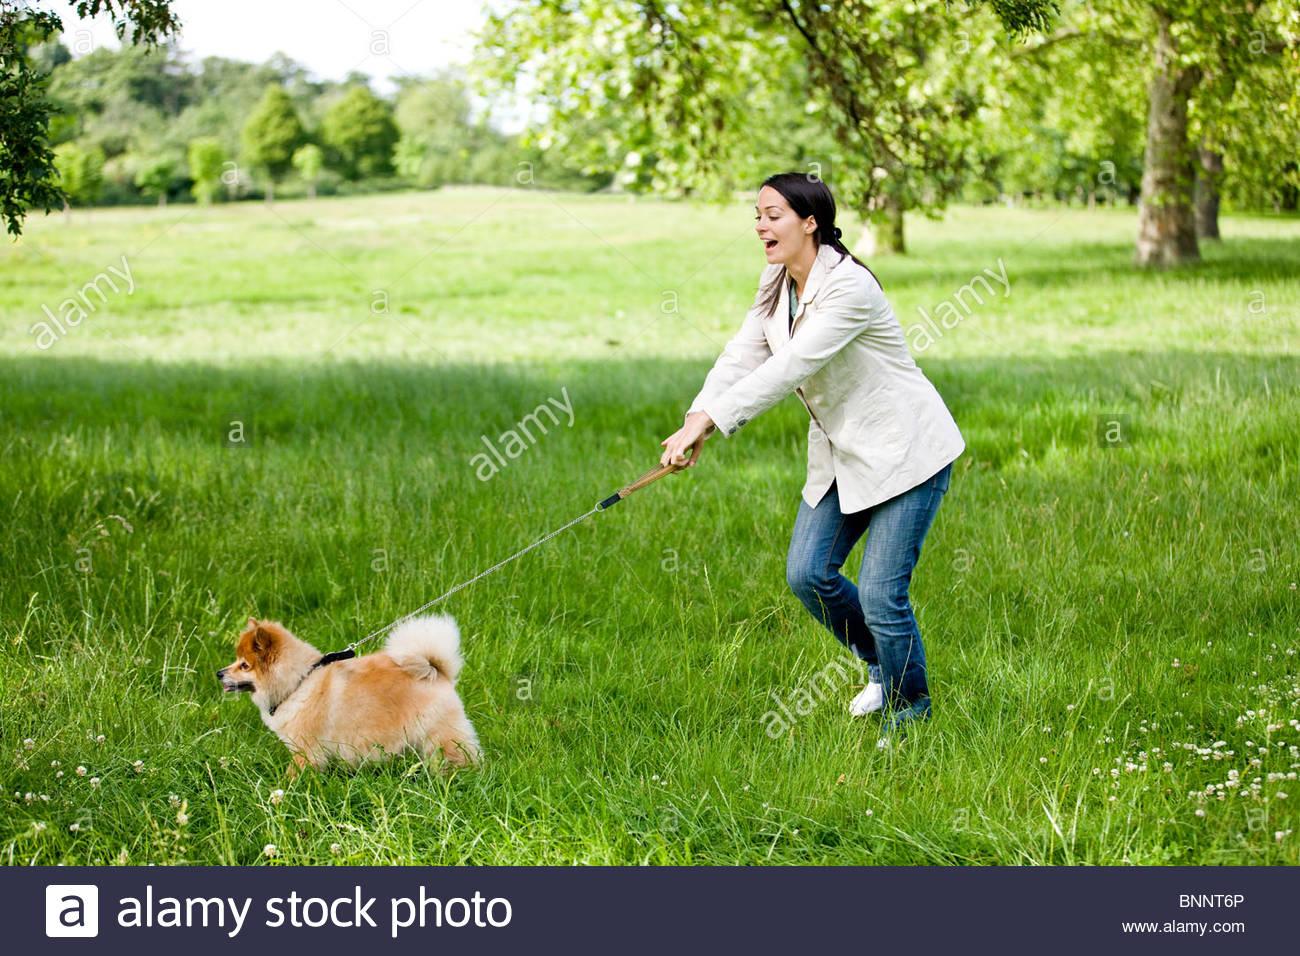 Un joven arrastrado por su perro Imagen De Stock